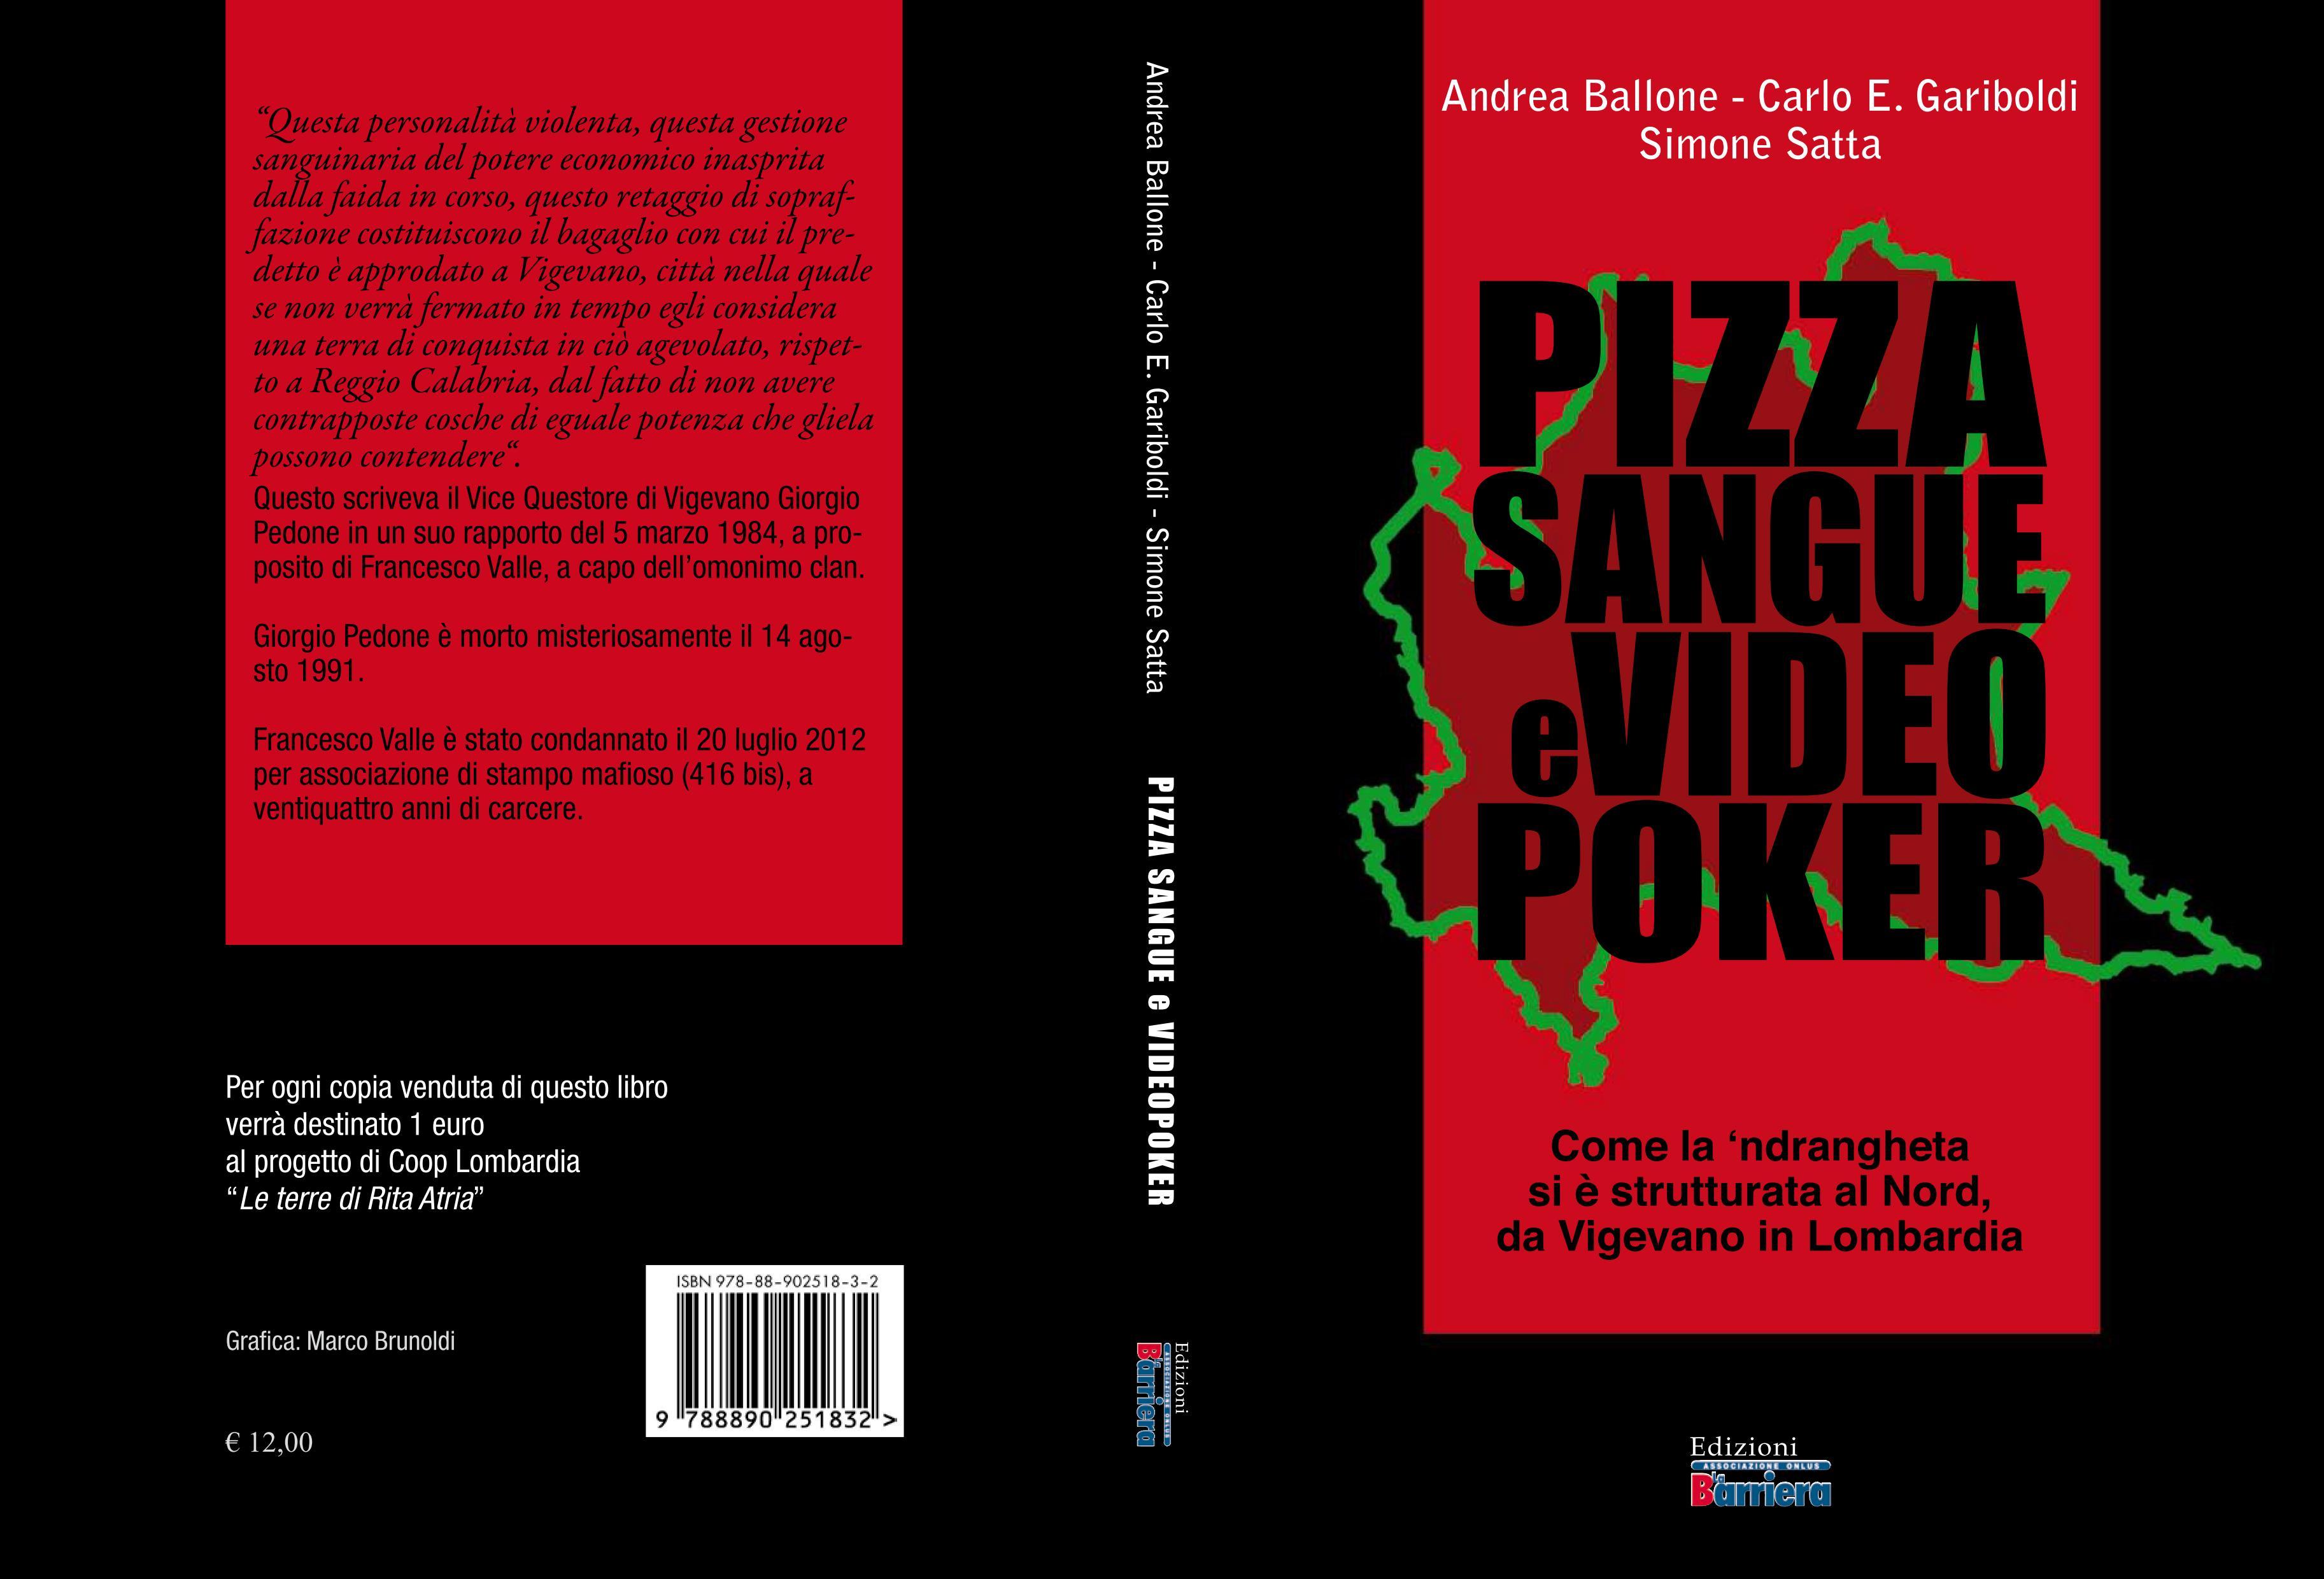 Pizza Sangue e Videopoker. Come la 'ndrangheta si è strutturata al Nord, da Vigevano in Lombardia.